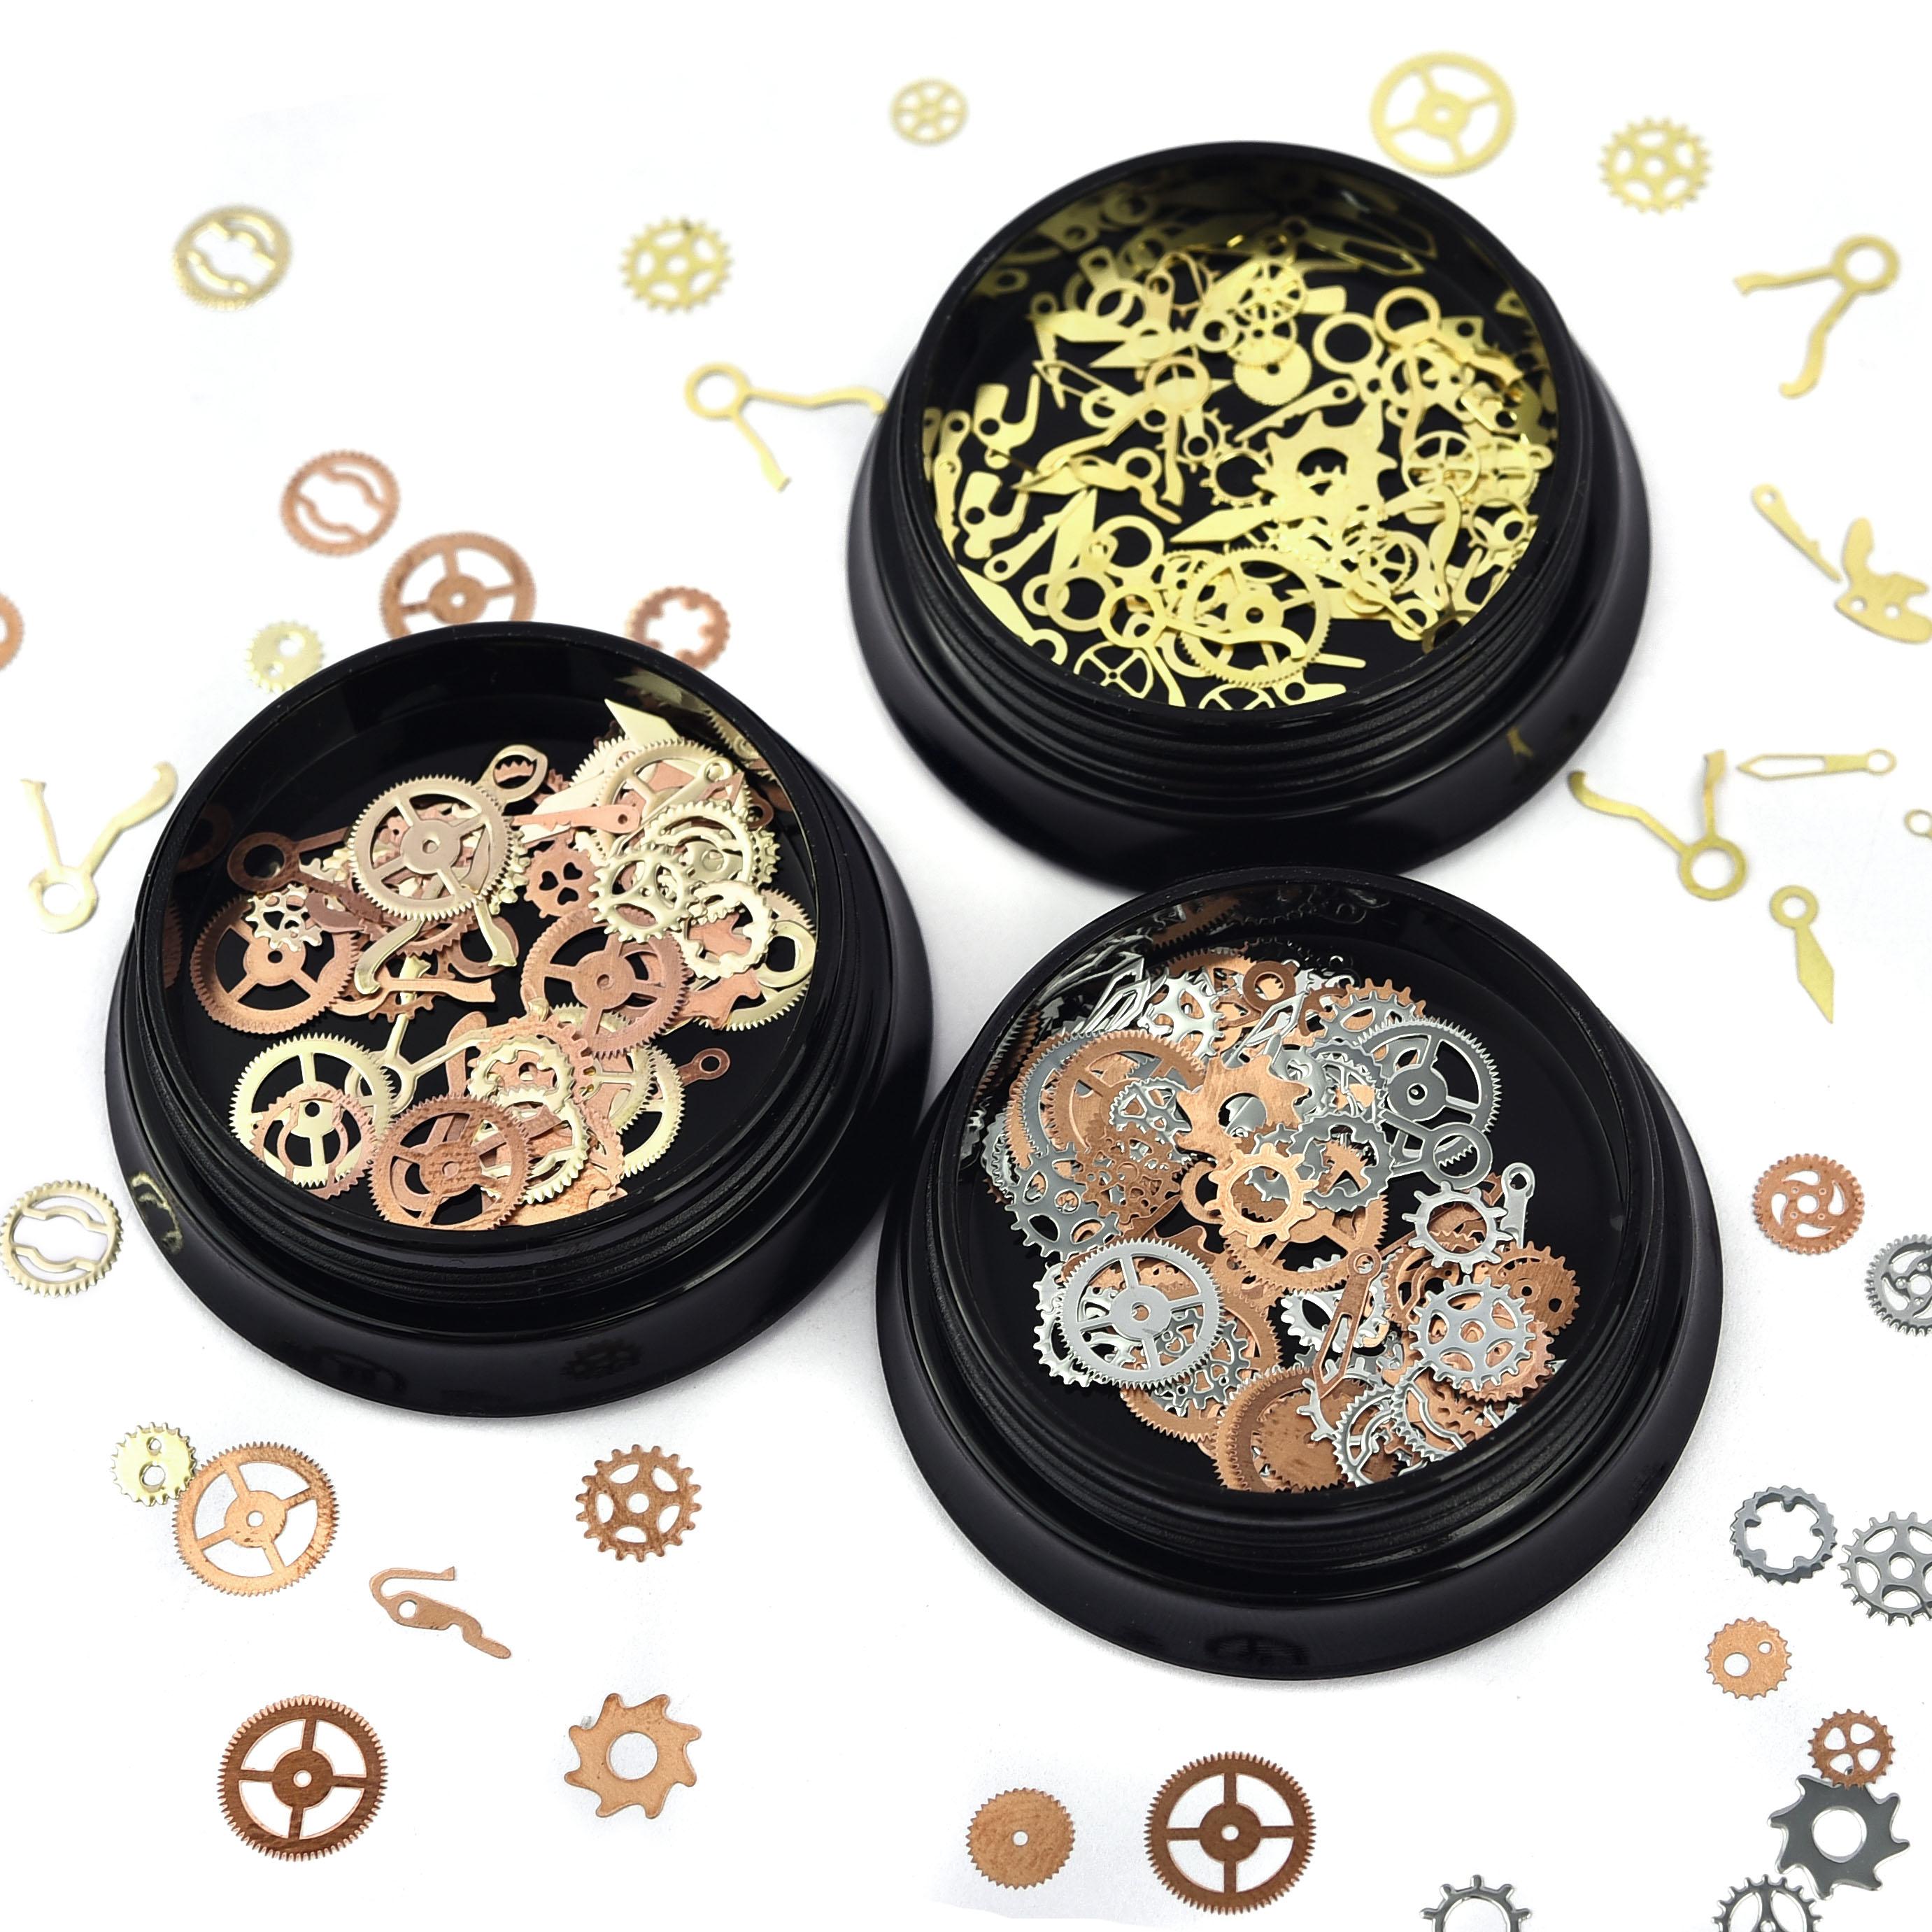 Мини-металлическая-шестерня-Смола-наполнение-Золото-Серебро-Цвет-для-diy-Кристалл-УФ-отверждаемая-эпоксидная-смола-аксессуары-для-изготовл